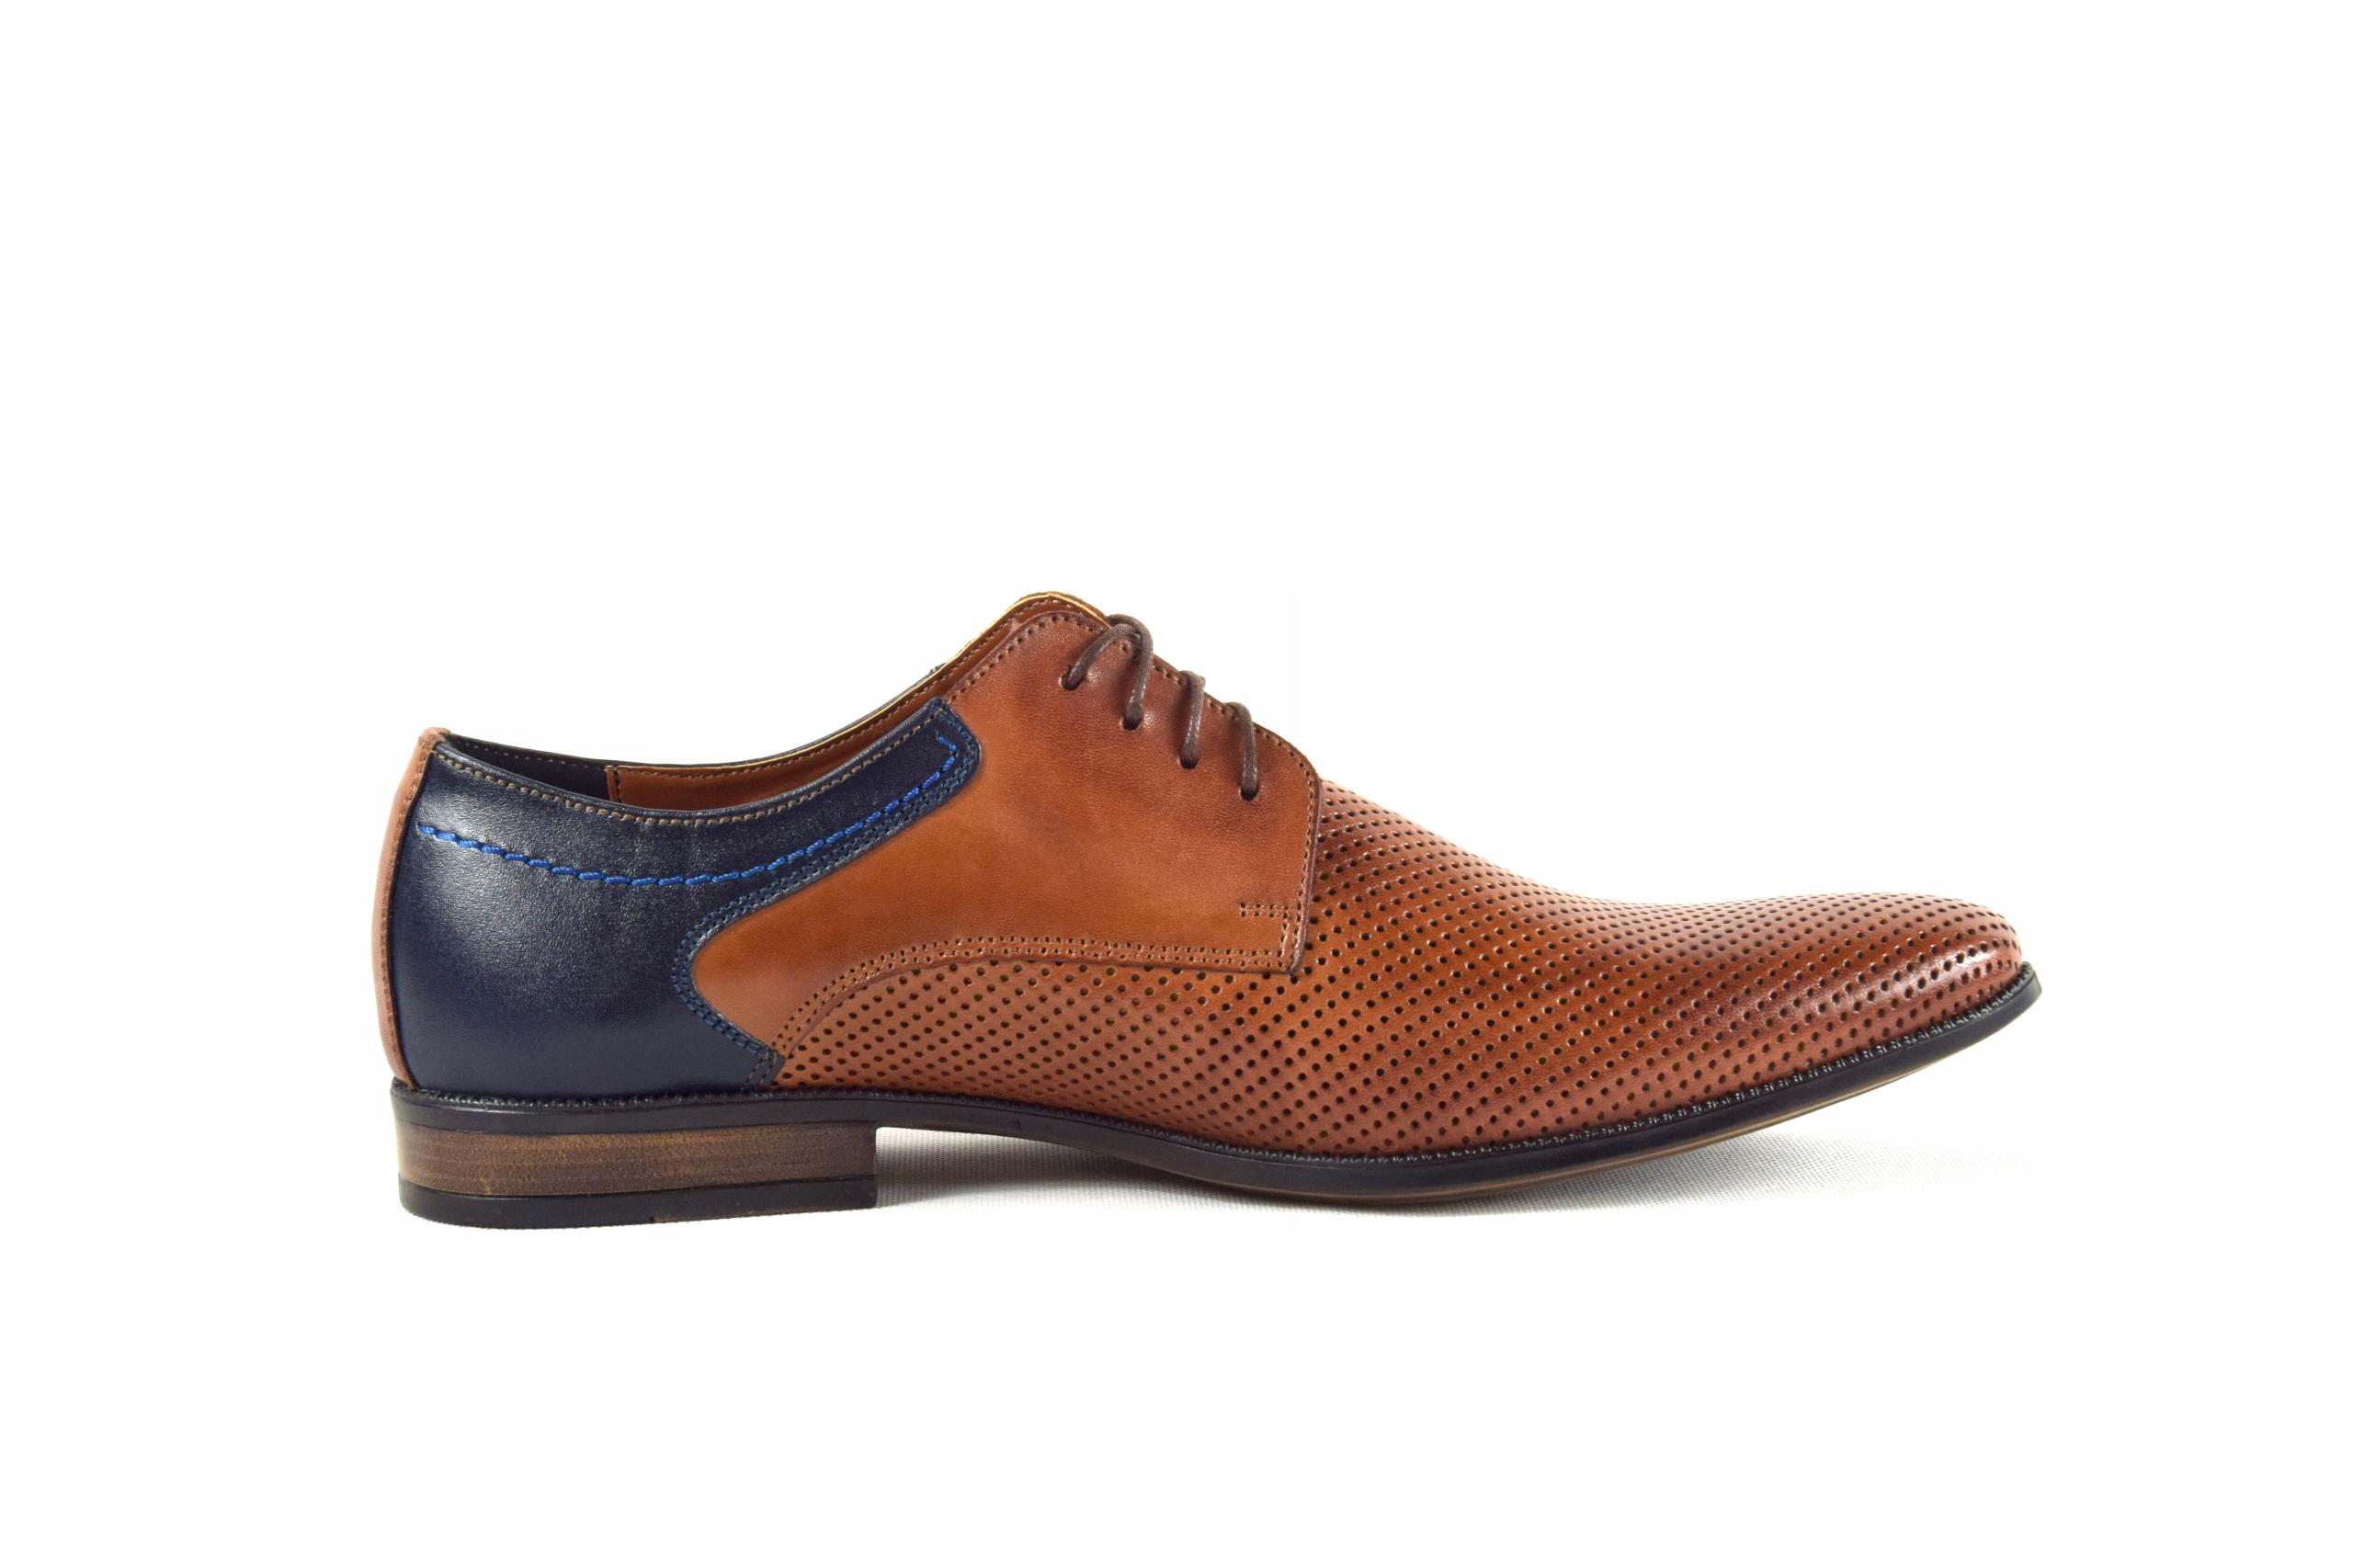 Buty męskie wizytowe skórzane brązowe obuwie 322 Długość wkładki 29.5 cm